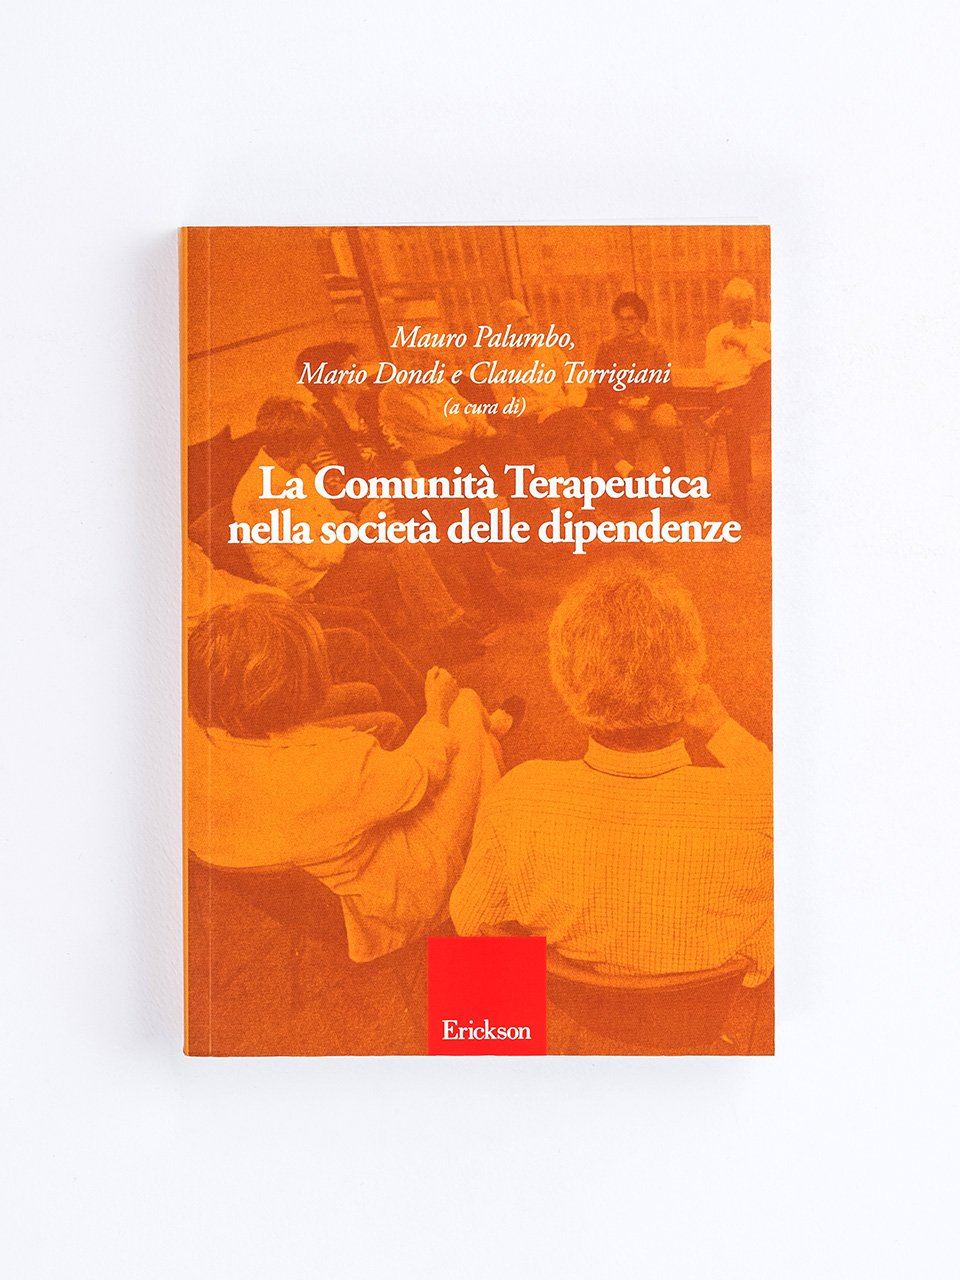 La Comunità Terapeutica nella società delle dipendenze - Lavoro di comunità - Erickson